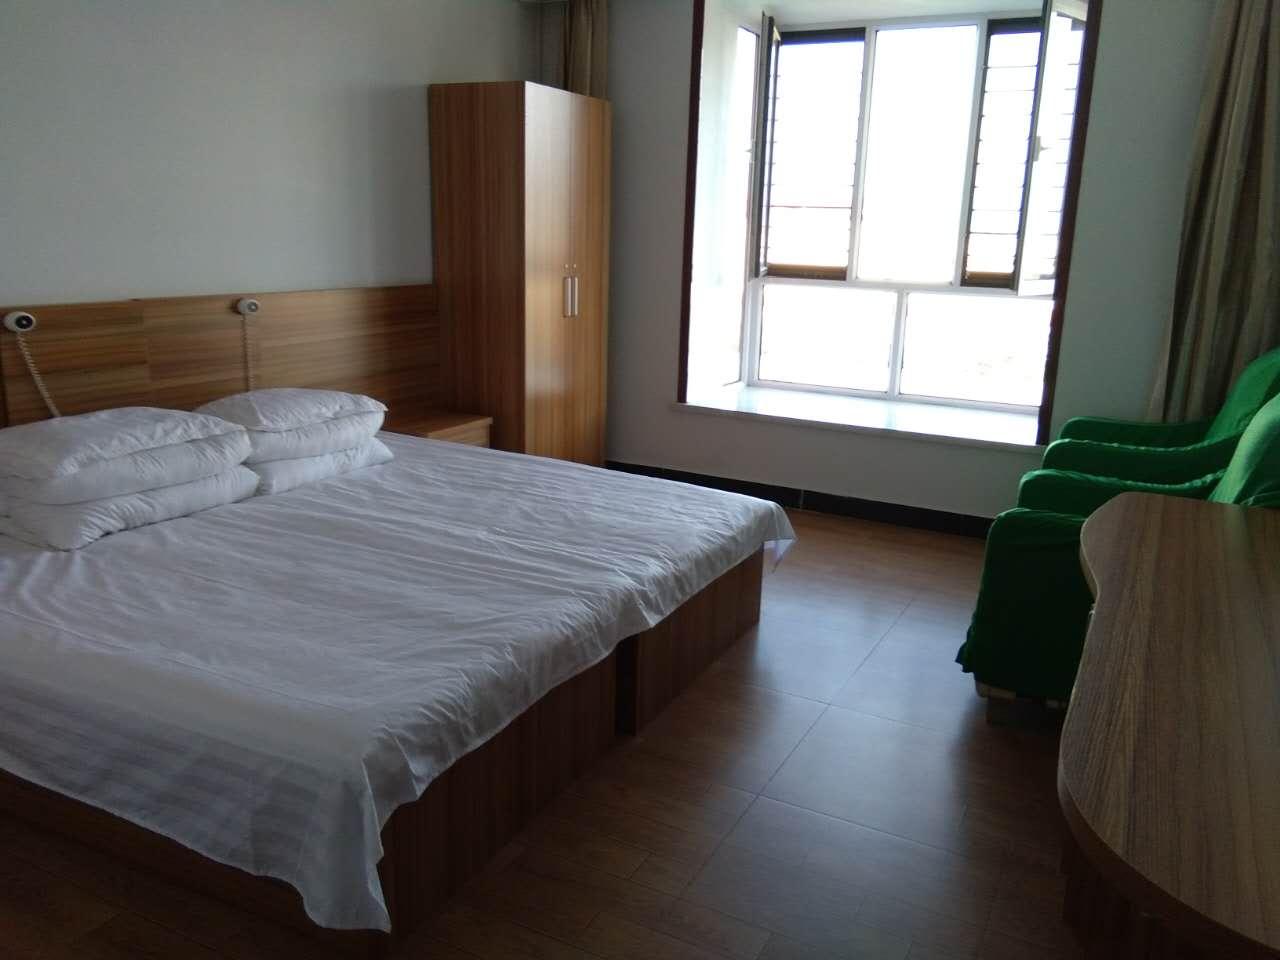 公寓单人间